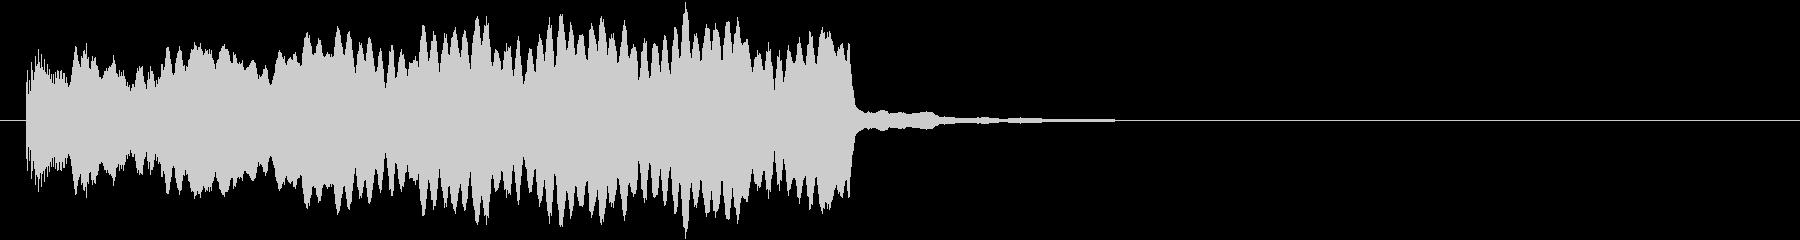 ウウィーン_01の未再生の波形